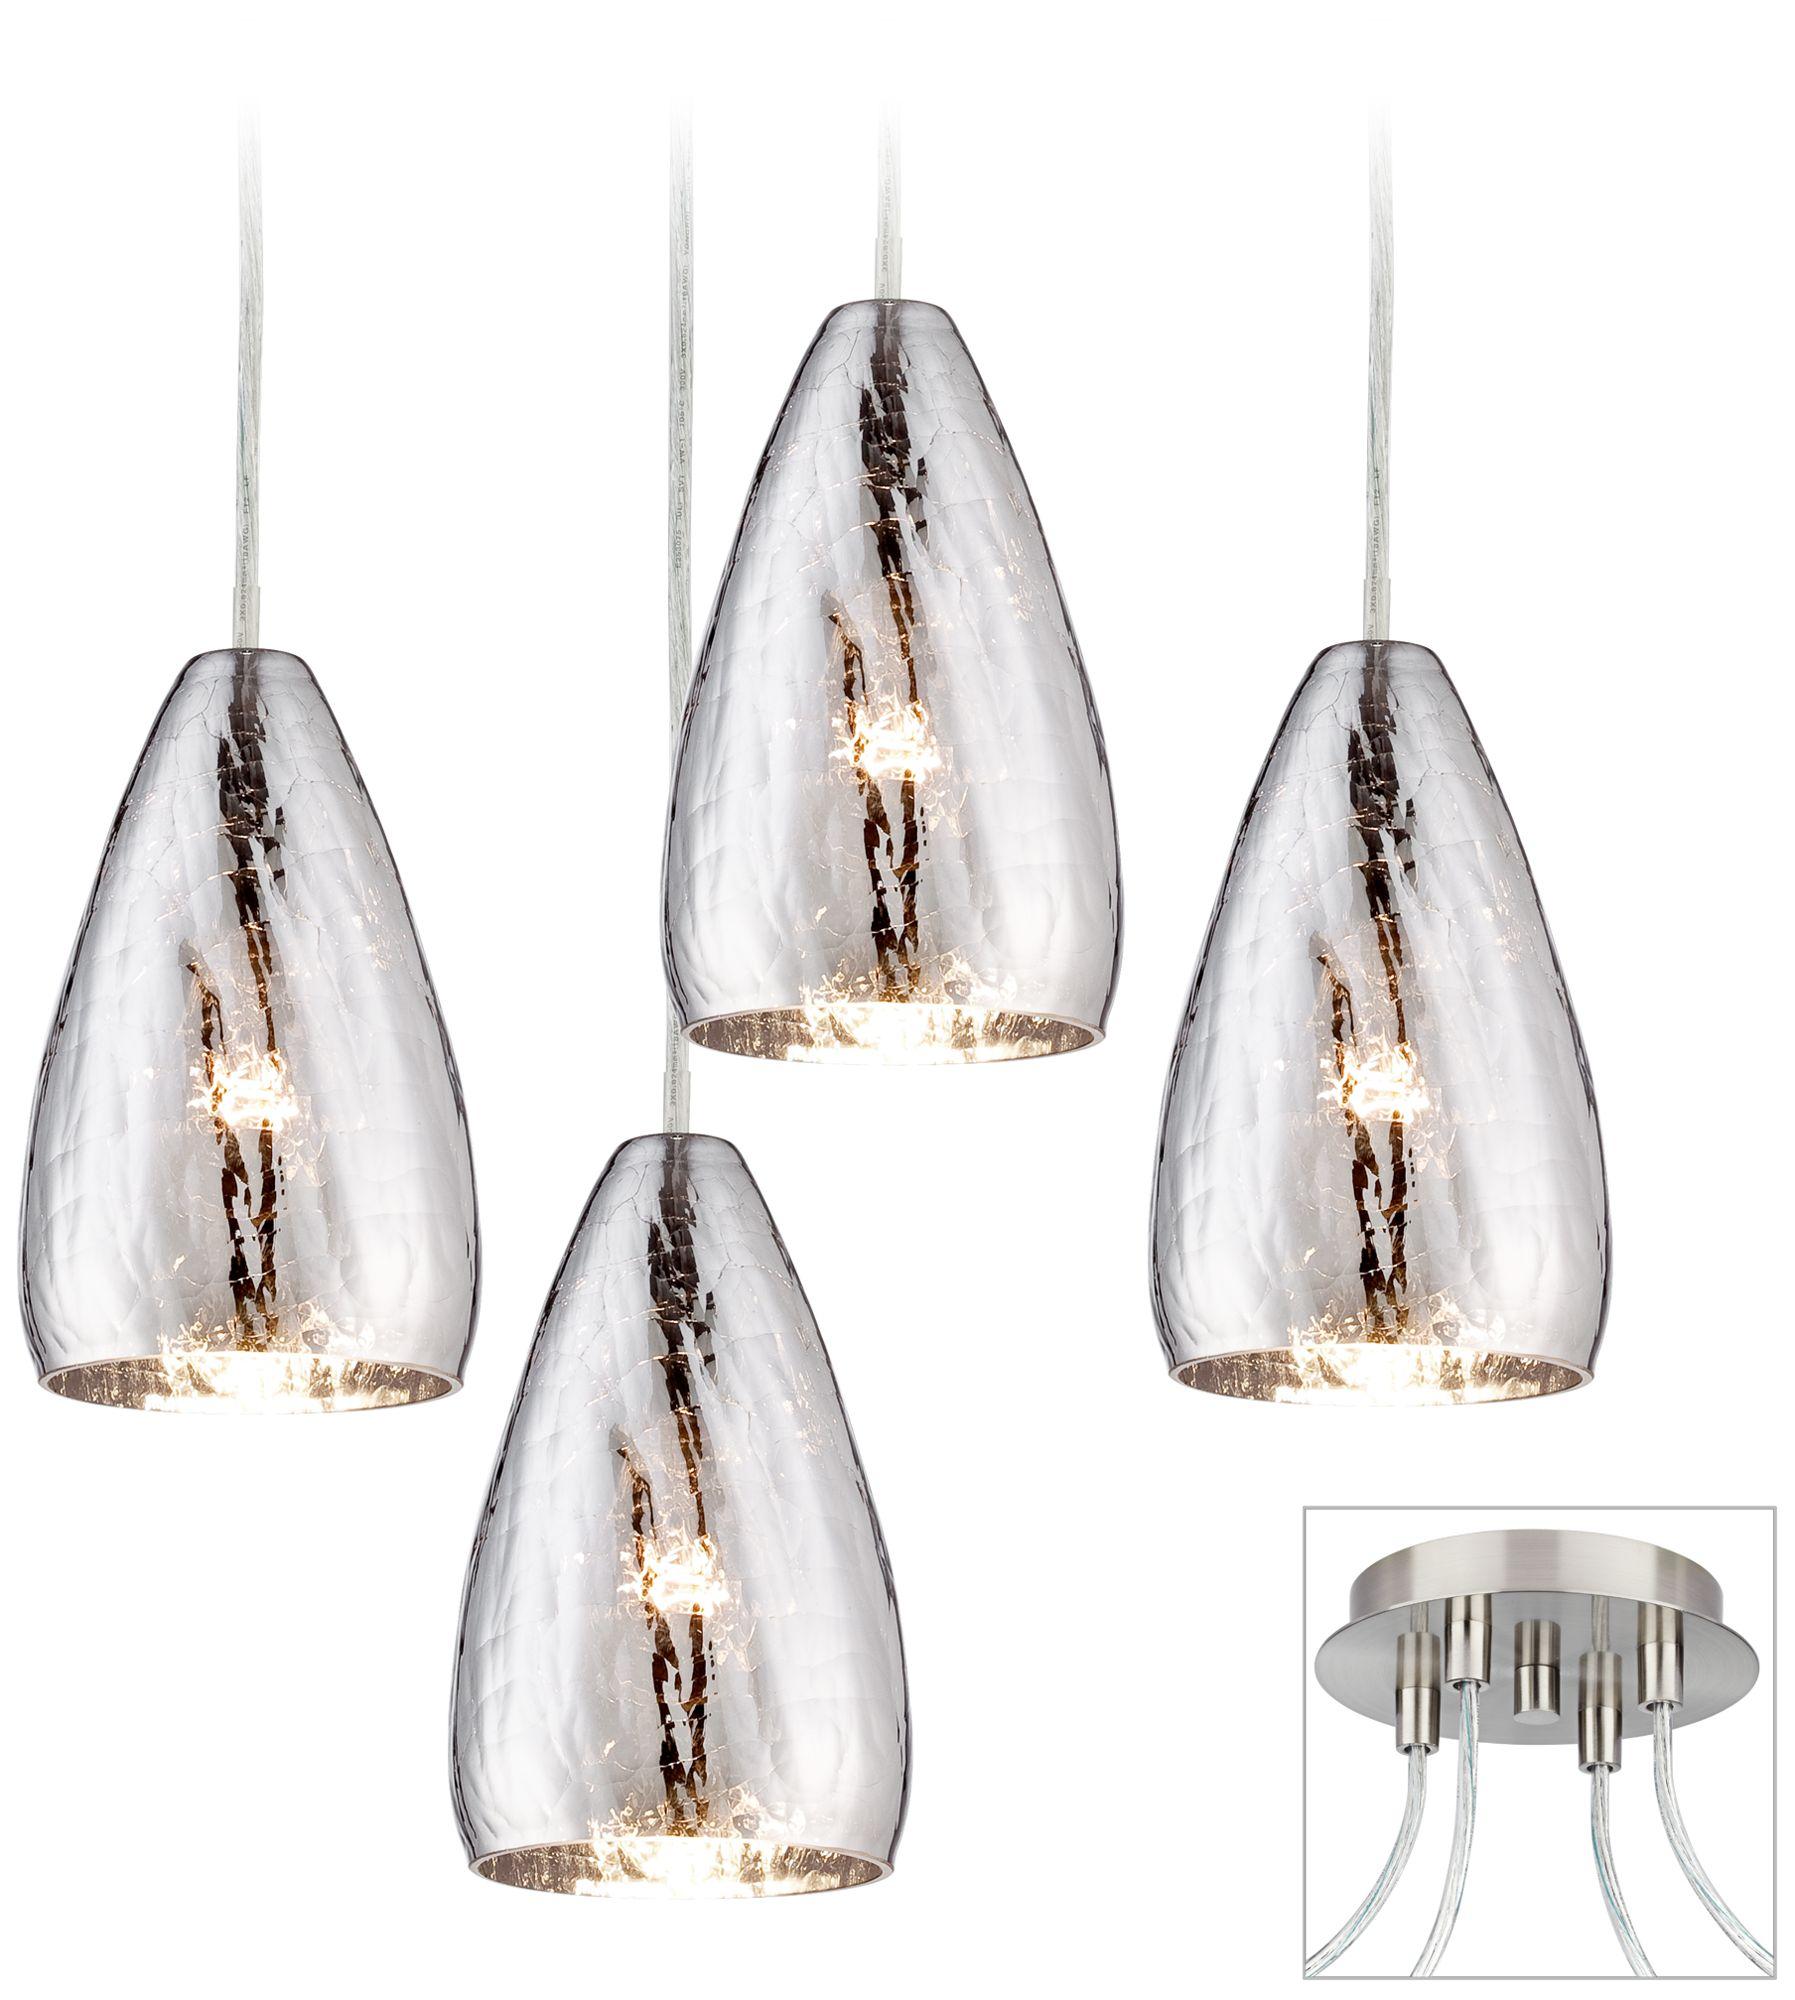 possini euro design portico brushed nickel 4 swag chandelier - Possini Euro Design